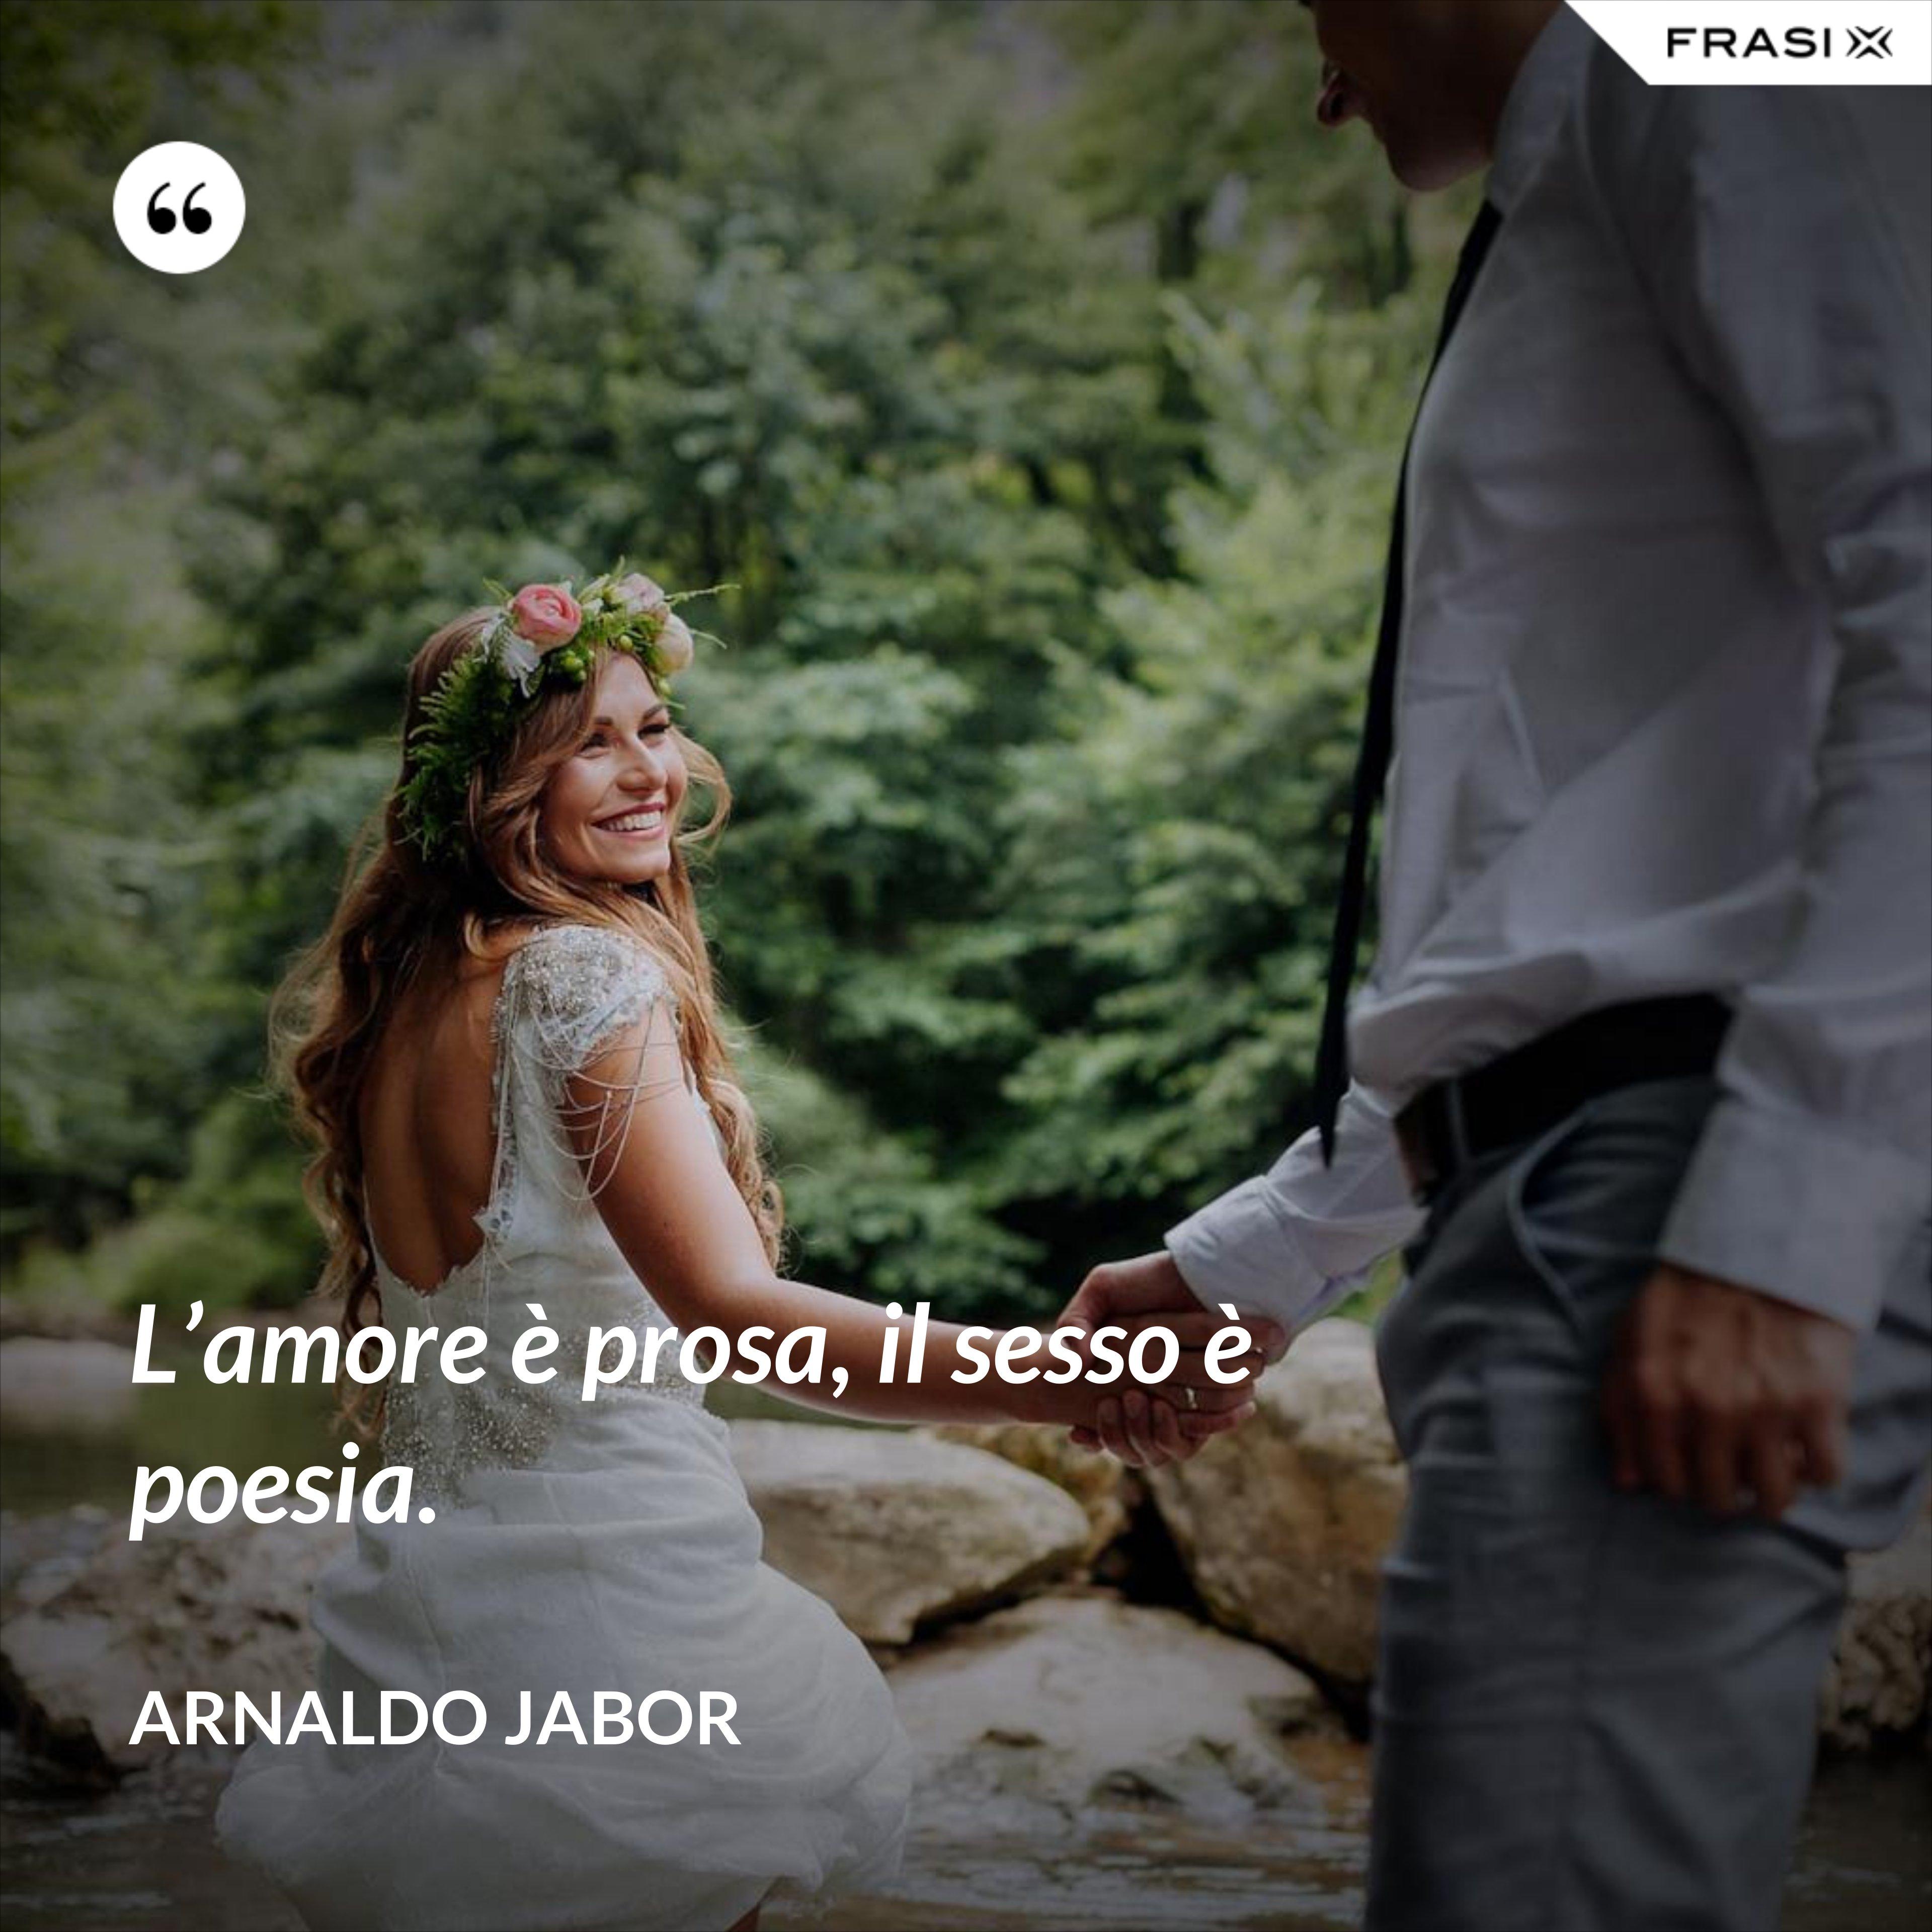 L'amore è prosa, il sesso è poesia. - Arnaldo Jabor